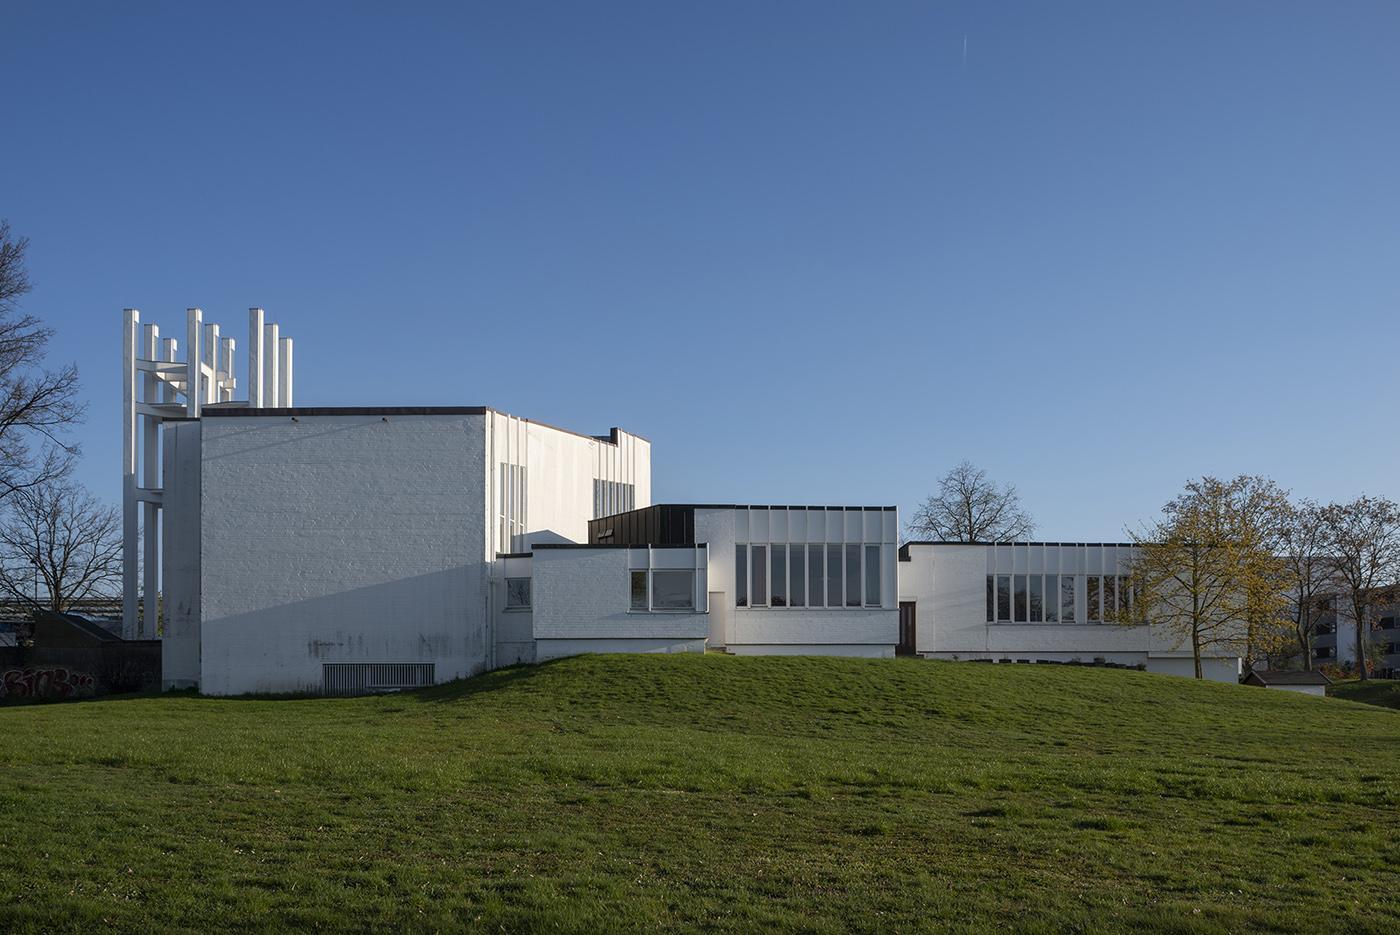 デトメローデ(Detmerode)教会(Stephanuskirche)と教区センター